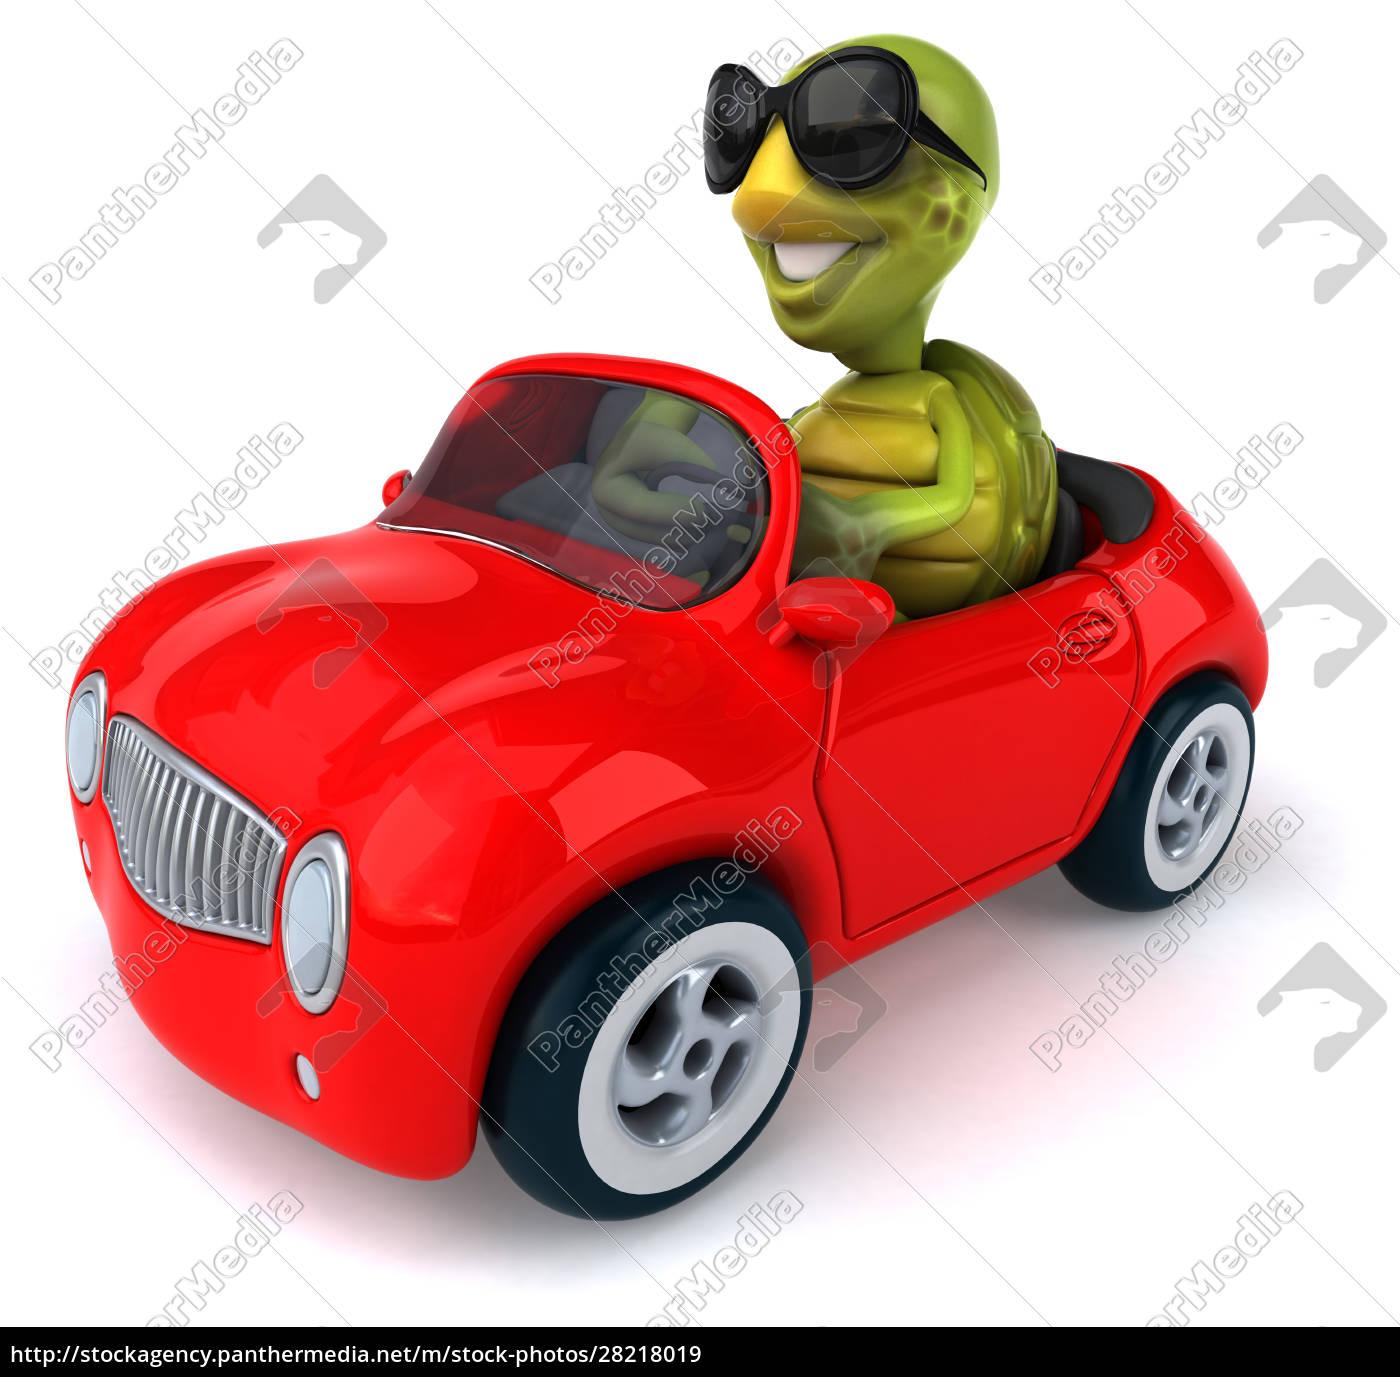 fun, turtle - 28218019